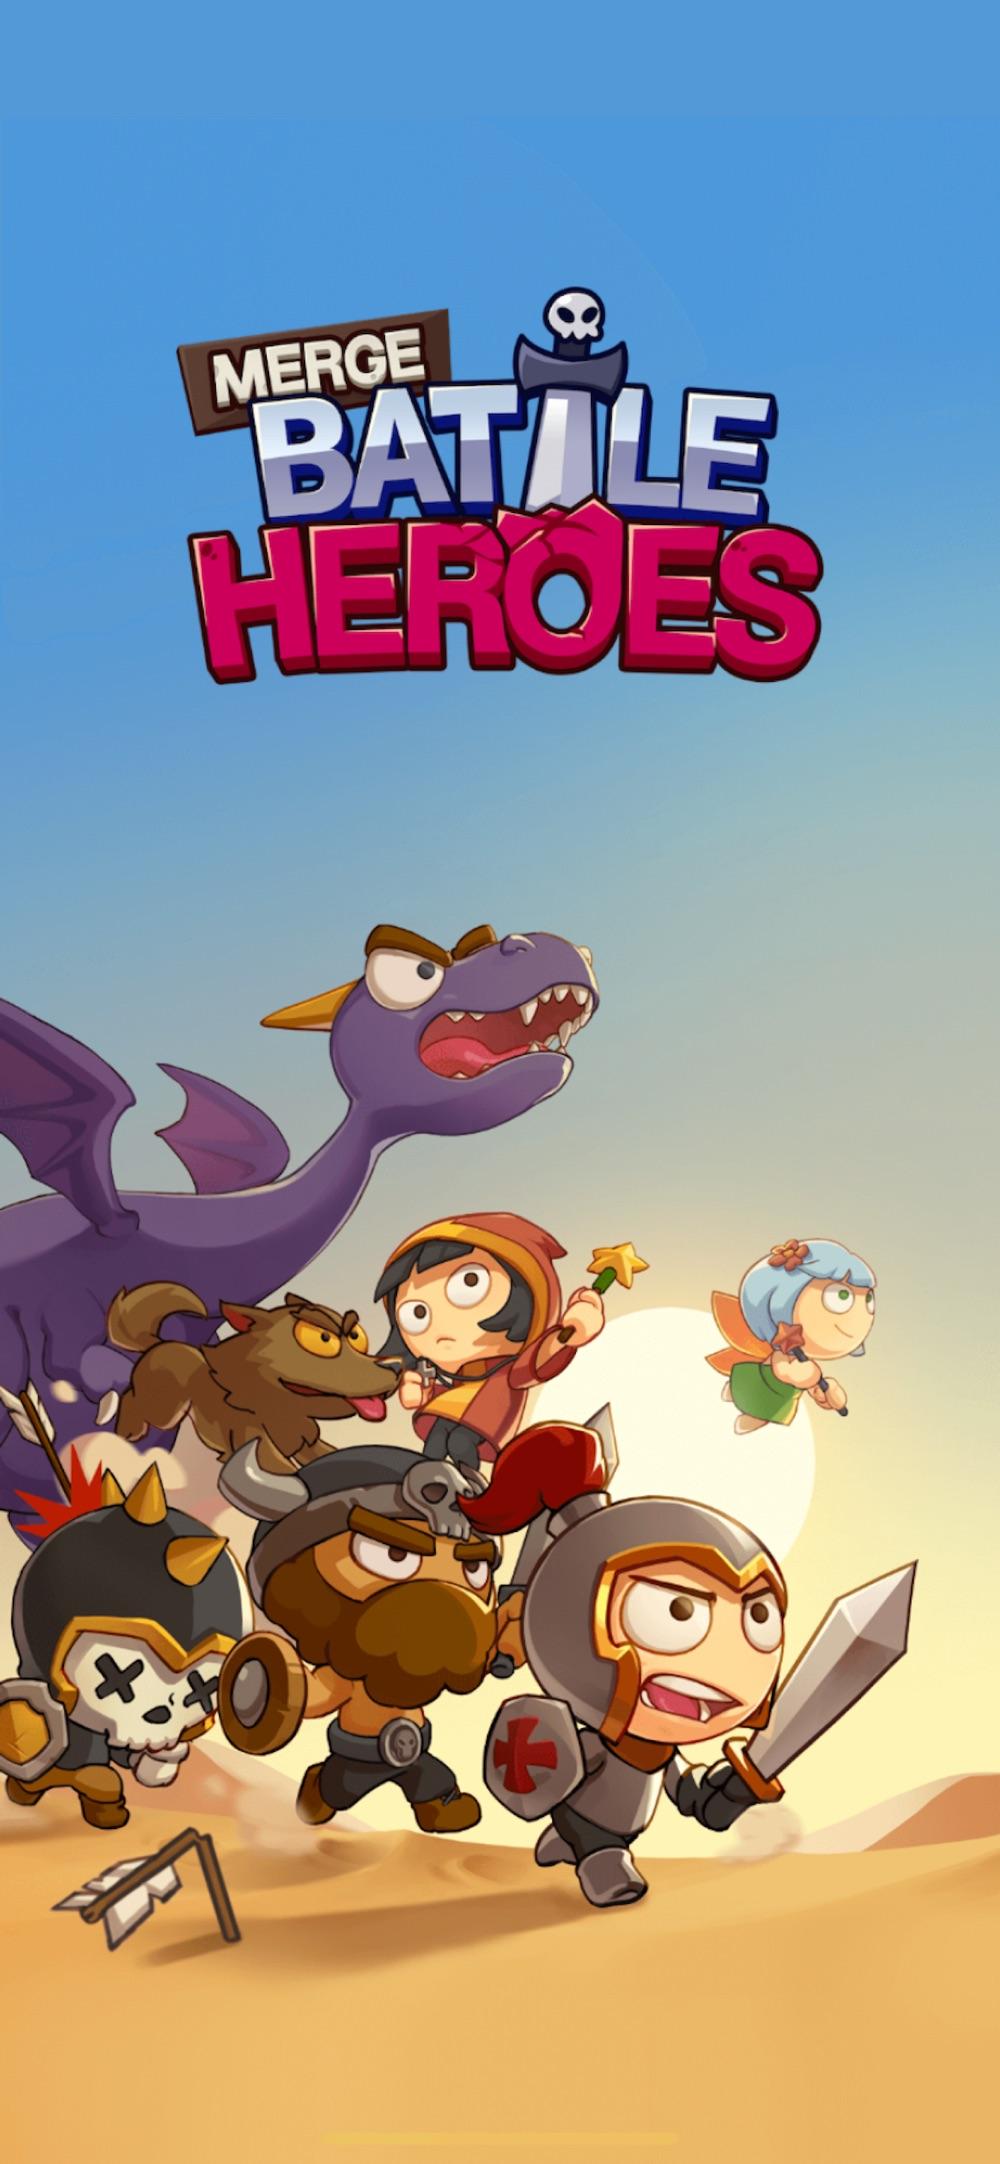 Merge Battle Heroes